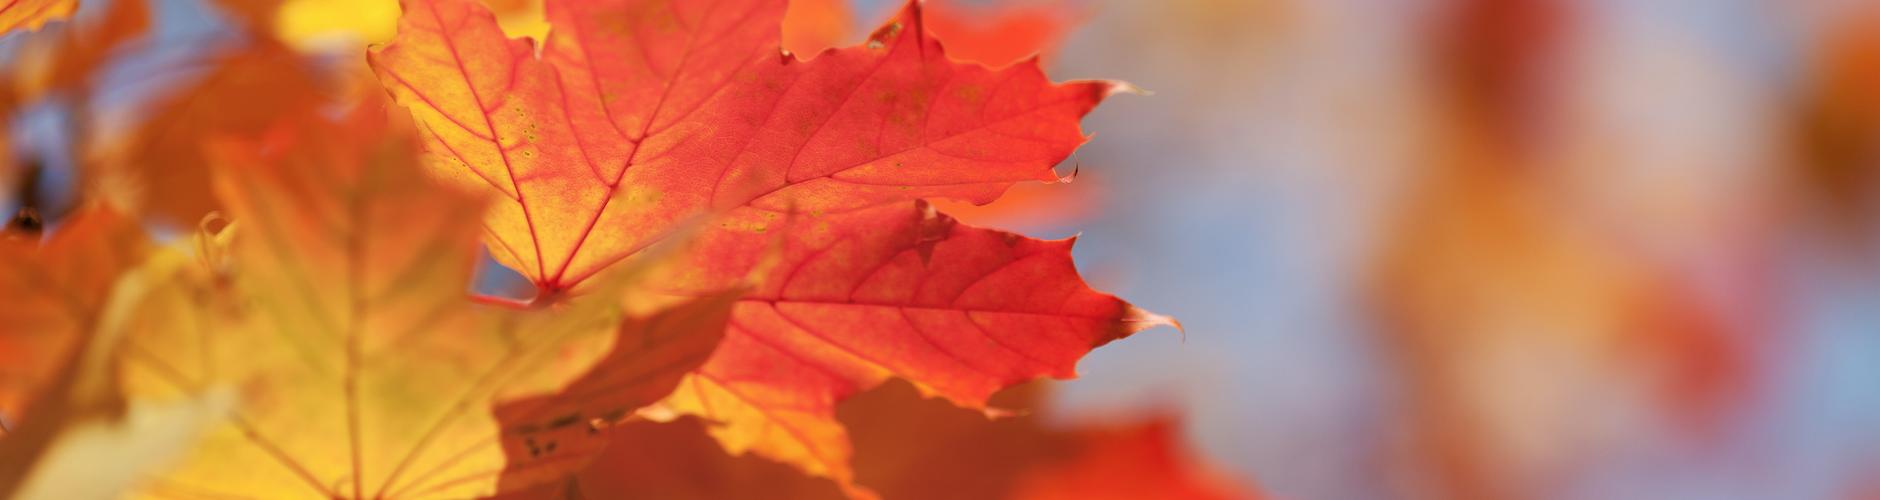 Blätter in den Vordergrund